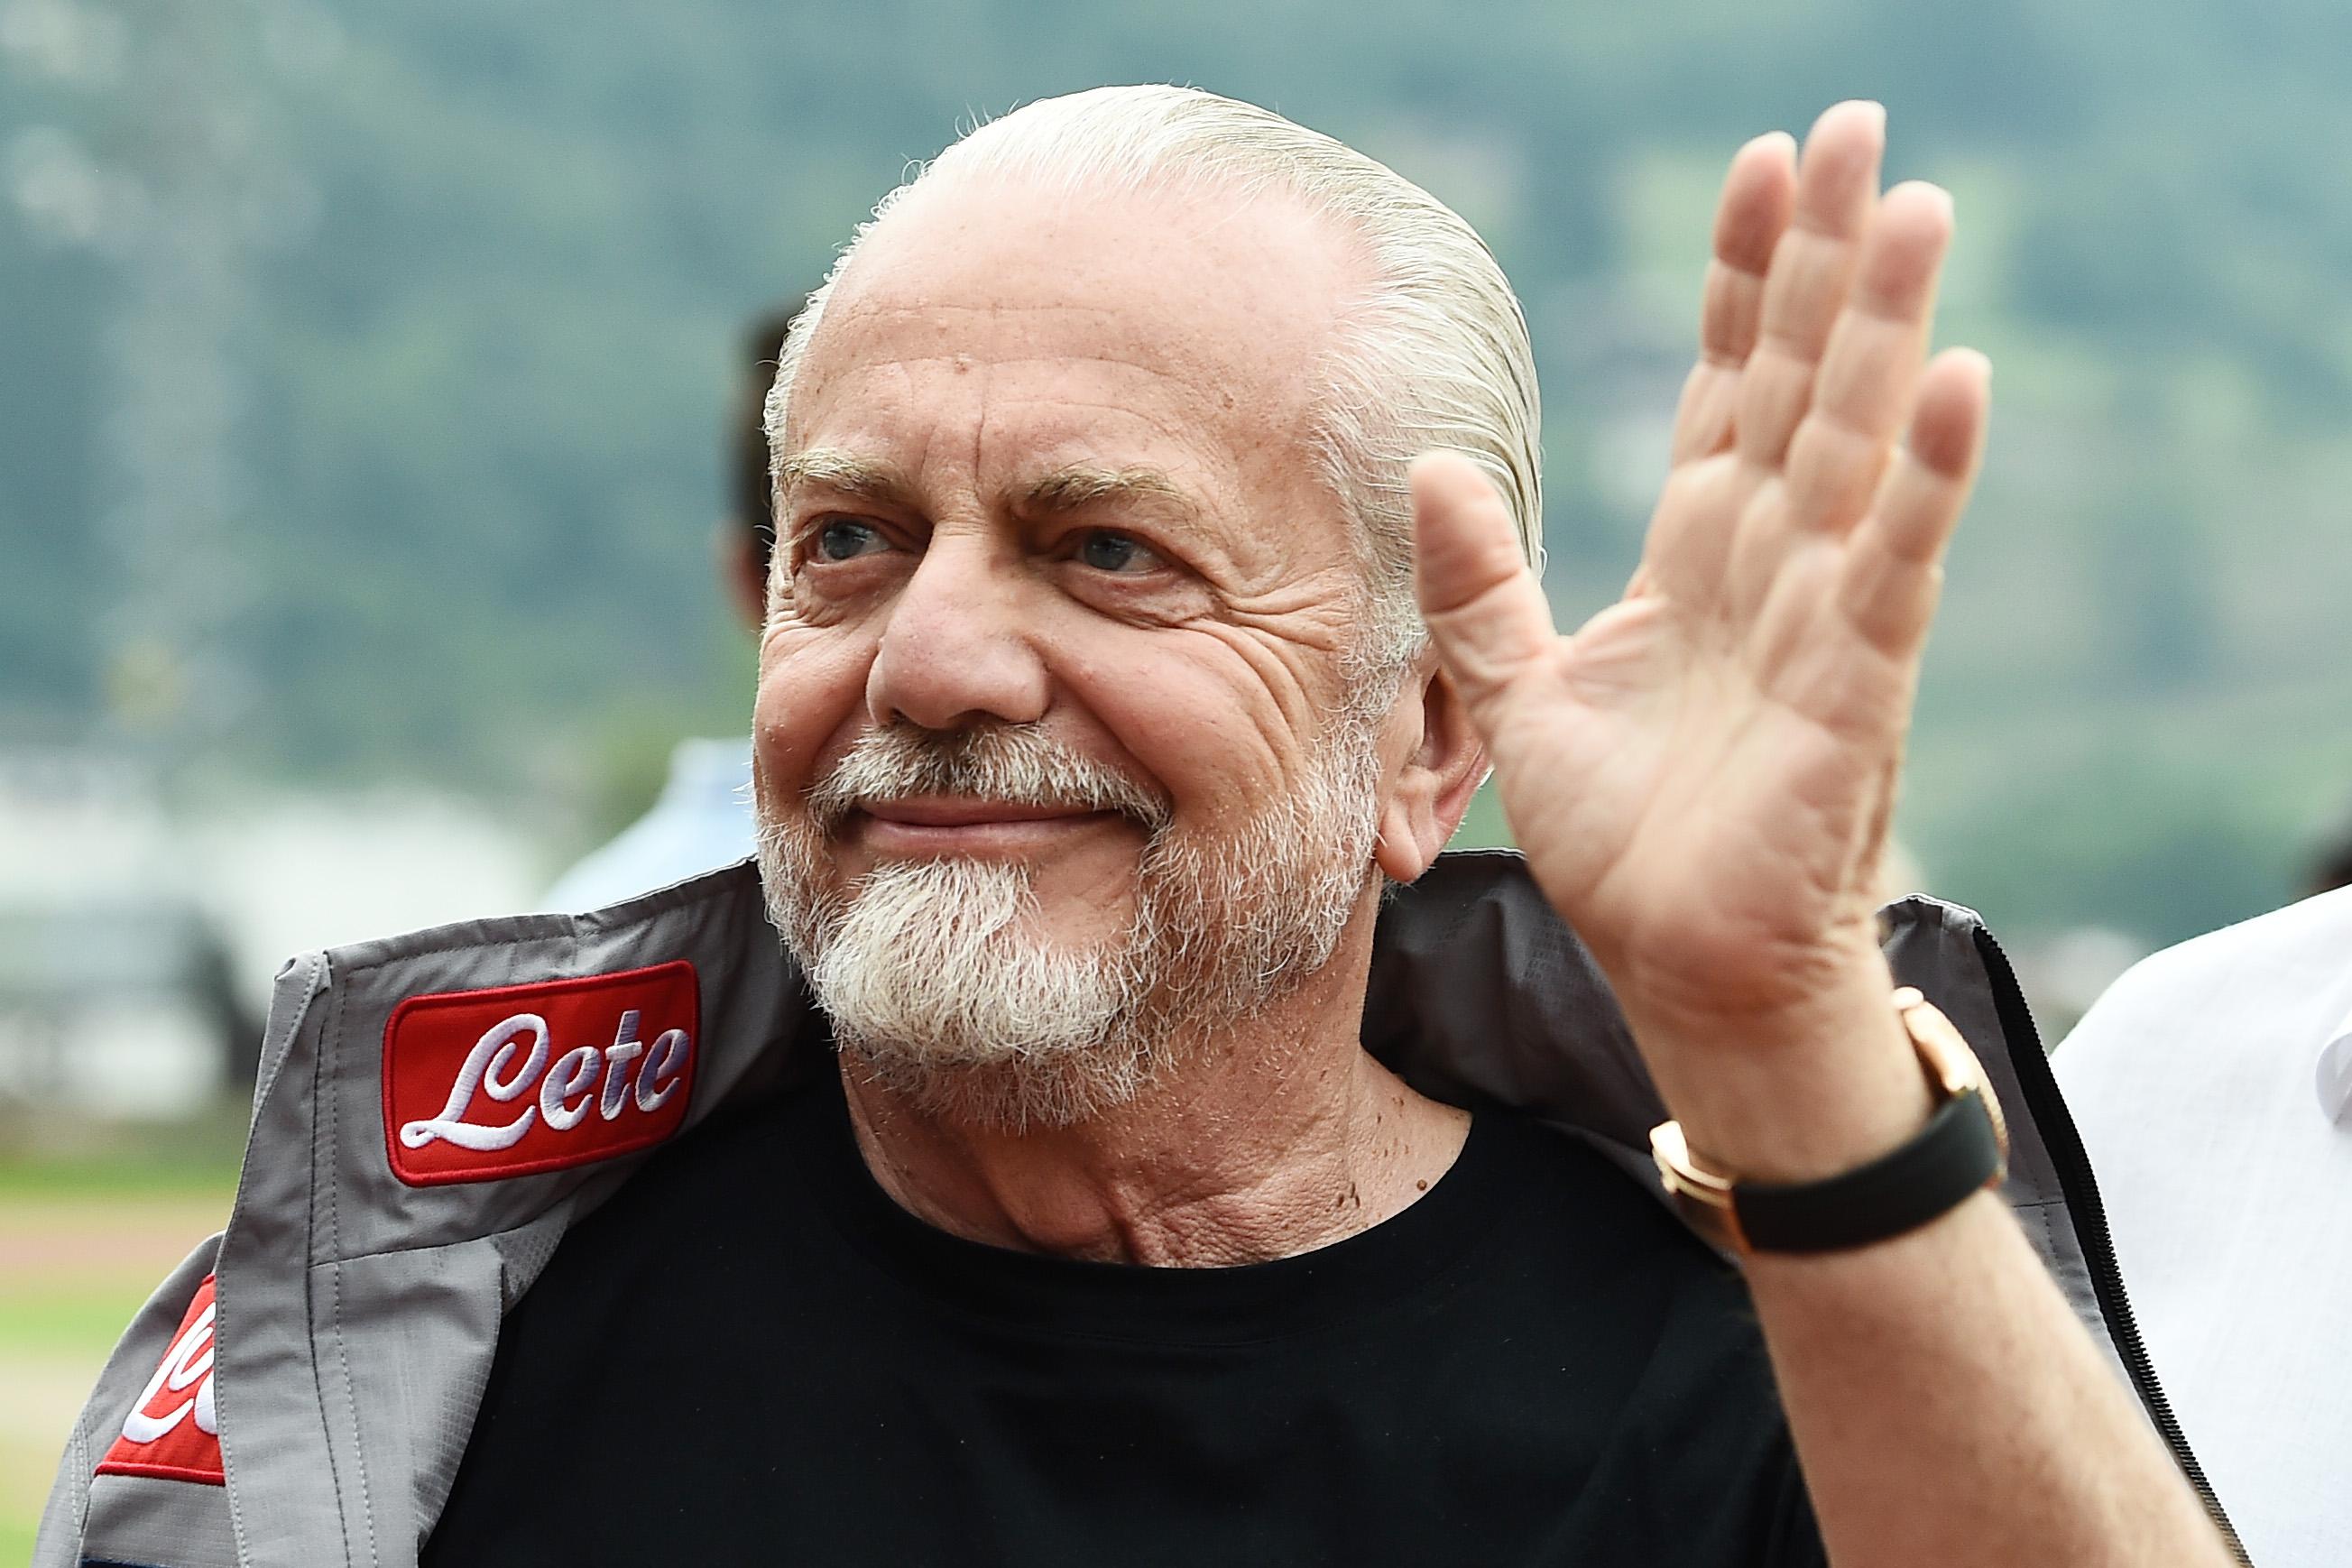 Il Napoli compra: offerta per il difensore, la risposta del Lech Poznan |  Sport e Vai